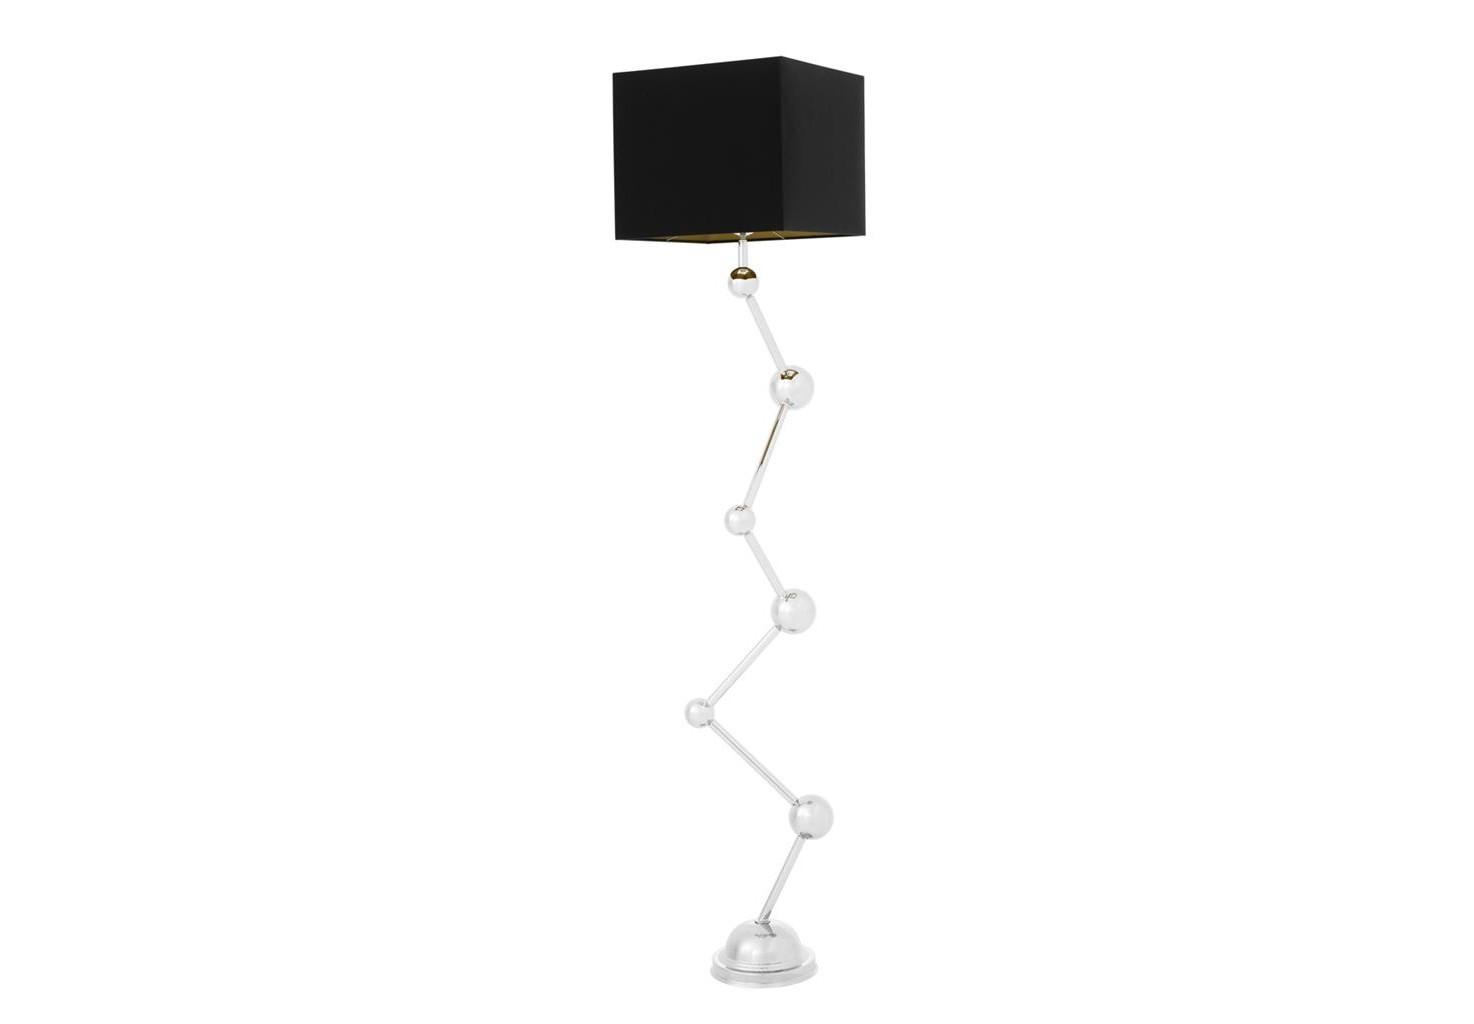 ТоршерТоршеры<br>Торшер Floor Lamp Colombo на основании из никелированного металла. Текстильный абажур черного цвета скрывает лампу.&amp;lt;div&amp;gt;&amp;lt;br&amp;gt;&amp;lt;/div&amp;gt;&amp;lt;div&amp;gt;&amp;lt;div&amp;gt;Тип цоколя: E27&amp;lt;/div&amp;gt;&amp;lt;div&amp;gt;Мощность: 40W&amp;lt;/div&amp;gt;&amp;lt;div&amp;gt;Кол-во ламп: 1 (нет в комплекте)&amp;lt;/div&amp;gt;&amp;lt;/div&amp;gt;<br><br>Material: Металл<br>Width см: 26<br>Depth см: 35<br>Height см: 173